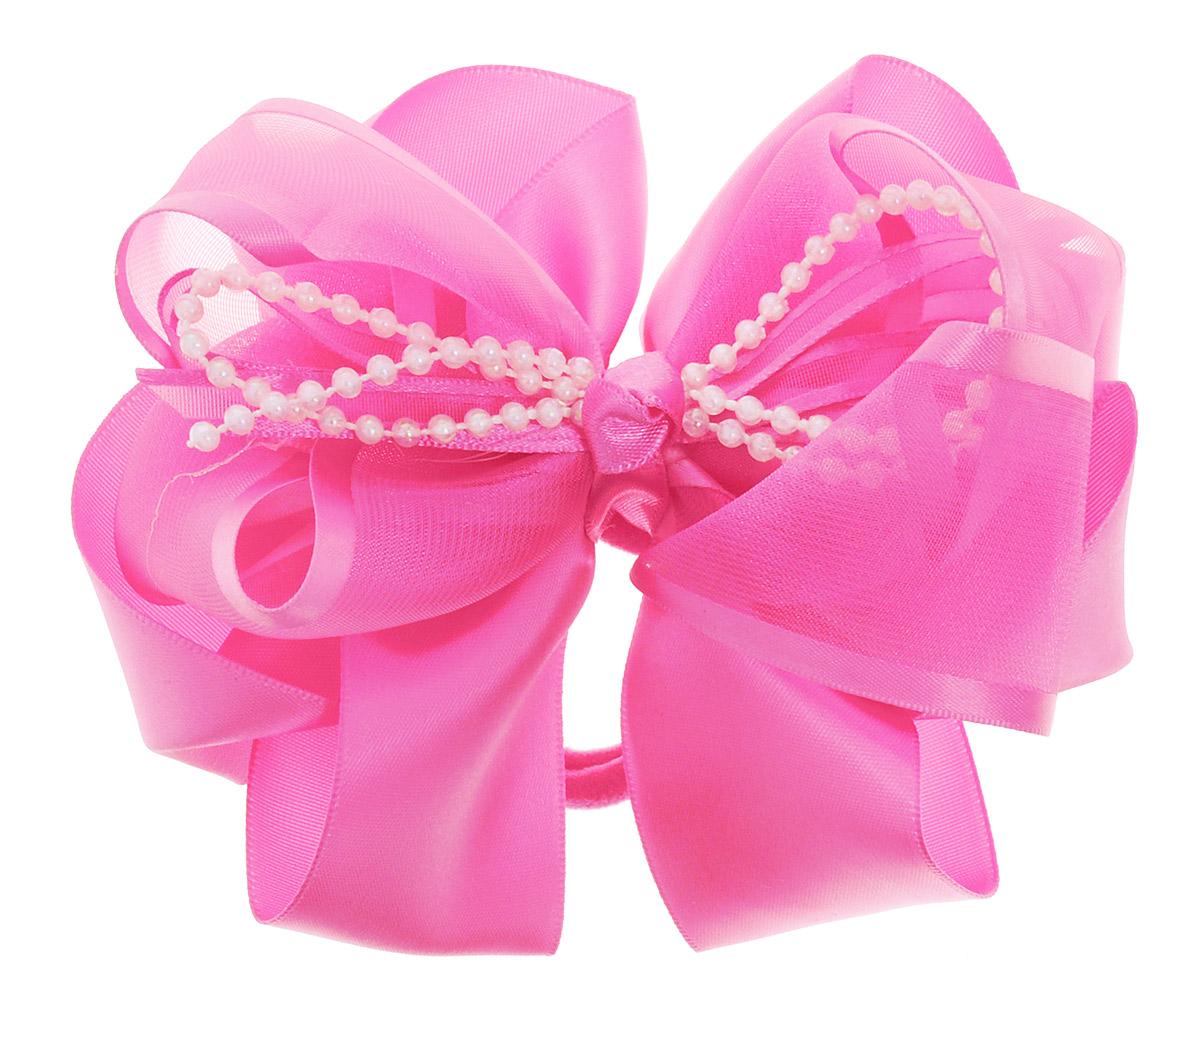 Babys Joy Резинка для волос цвет розовый MN 61MN 61_розовыйРезинка для волос Babys Joy изготовлена из текстиля и дополнена милым бантиком, который оформлен перламутровыми бусинами. Резинка для волос Babys Joy надежно зафиксирует волосы и подчеркнет красоту прически вашей маленькой принцессы.